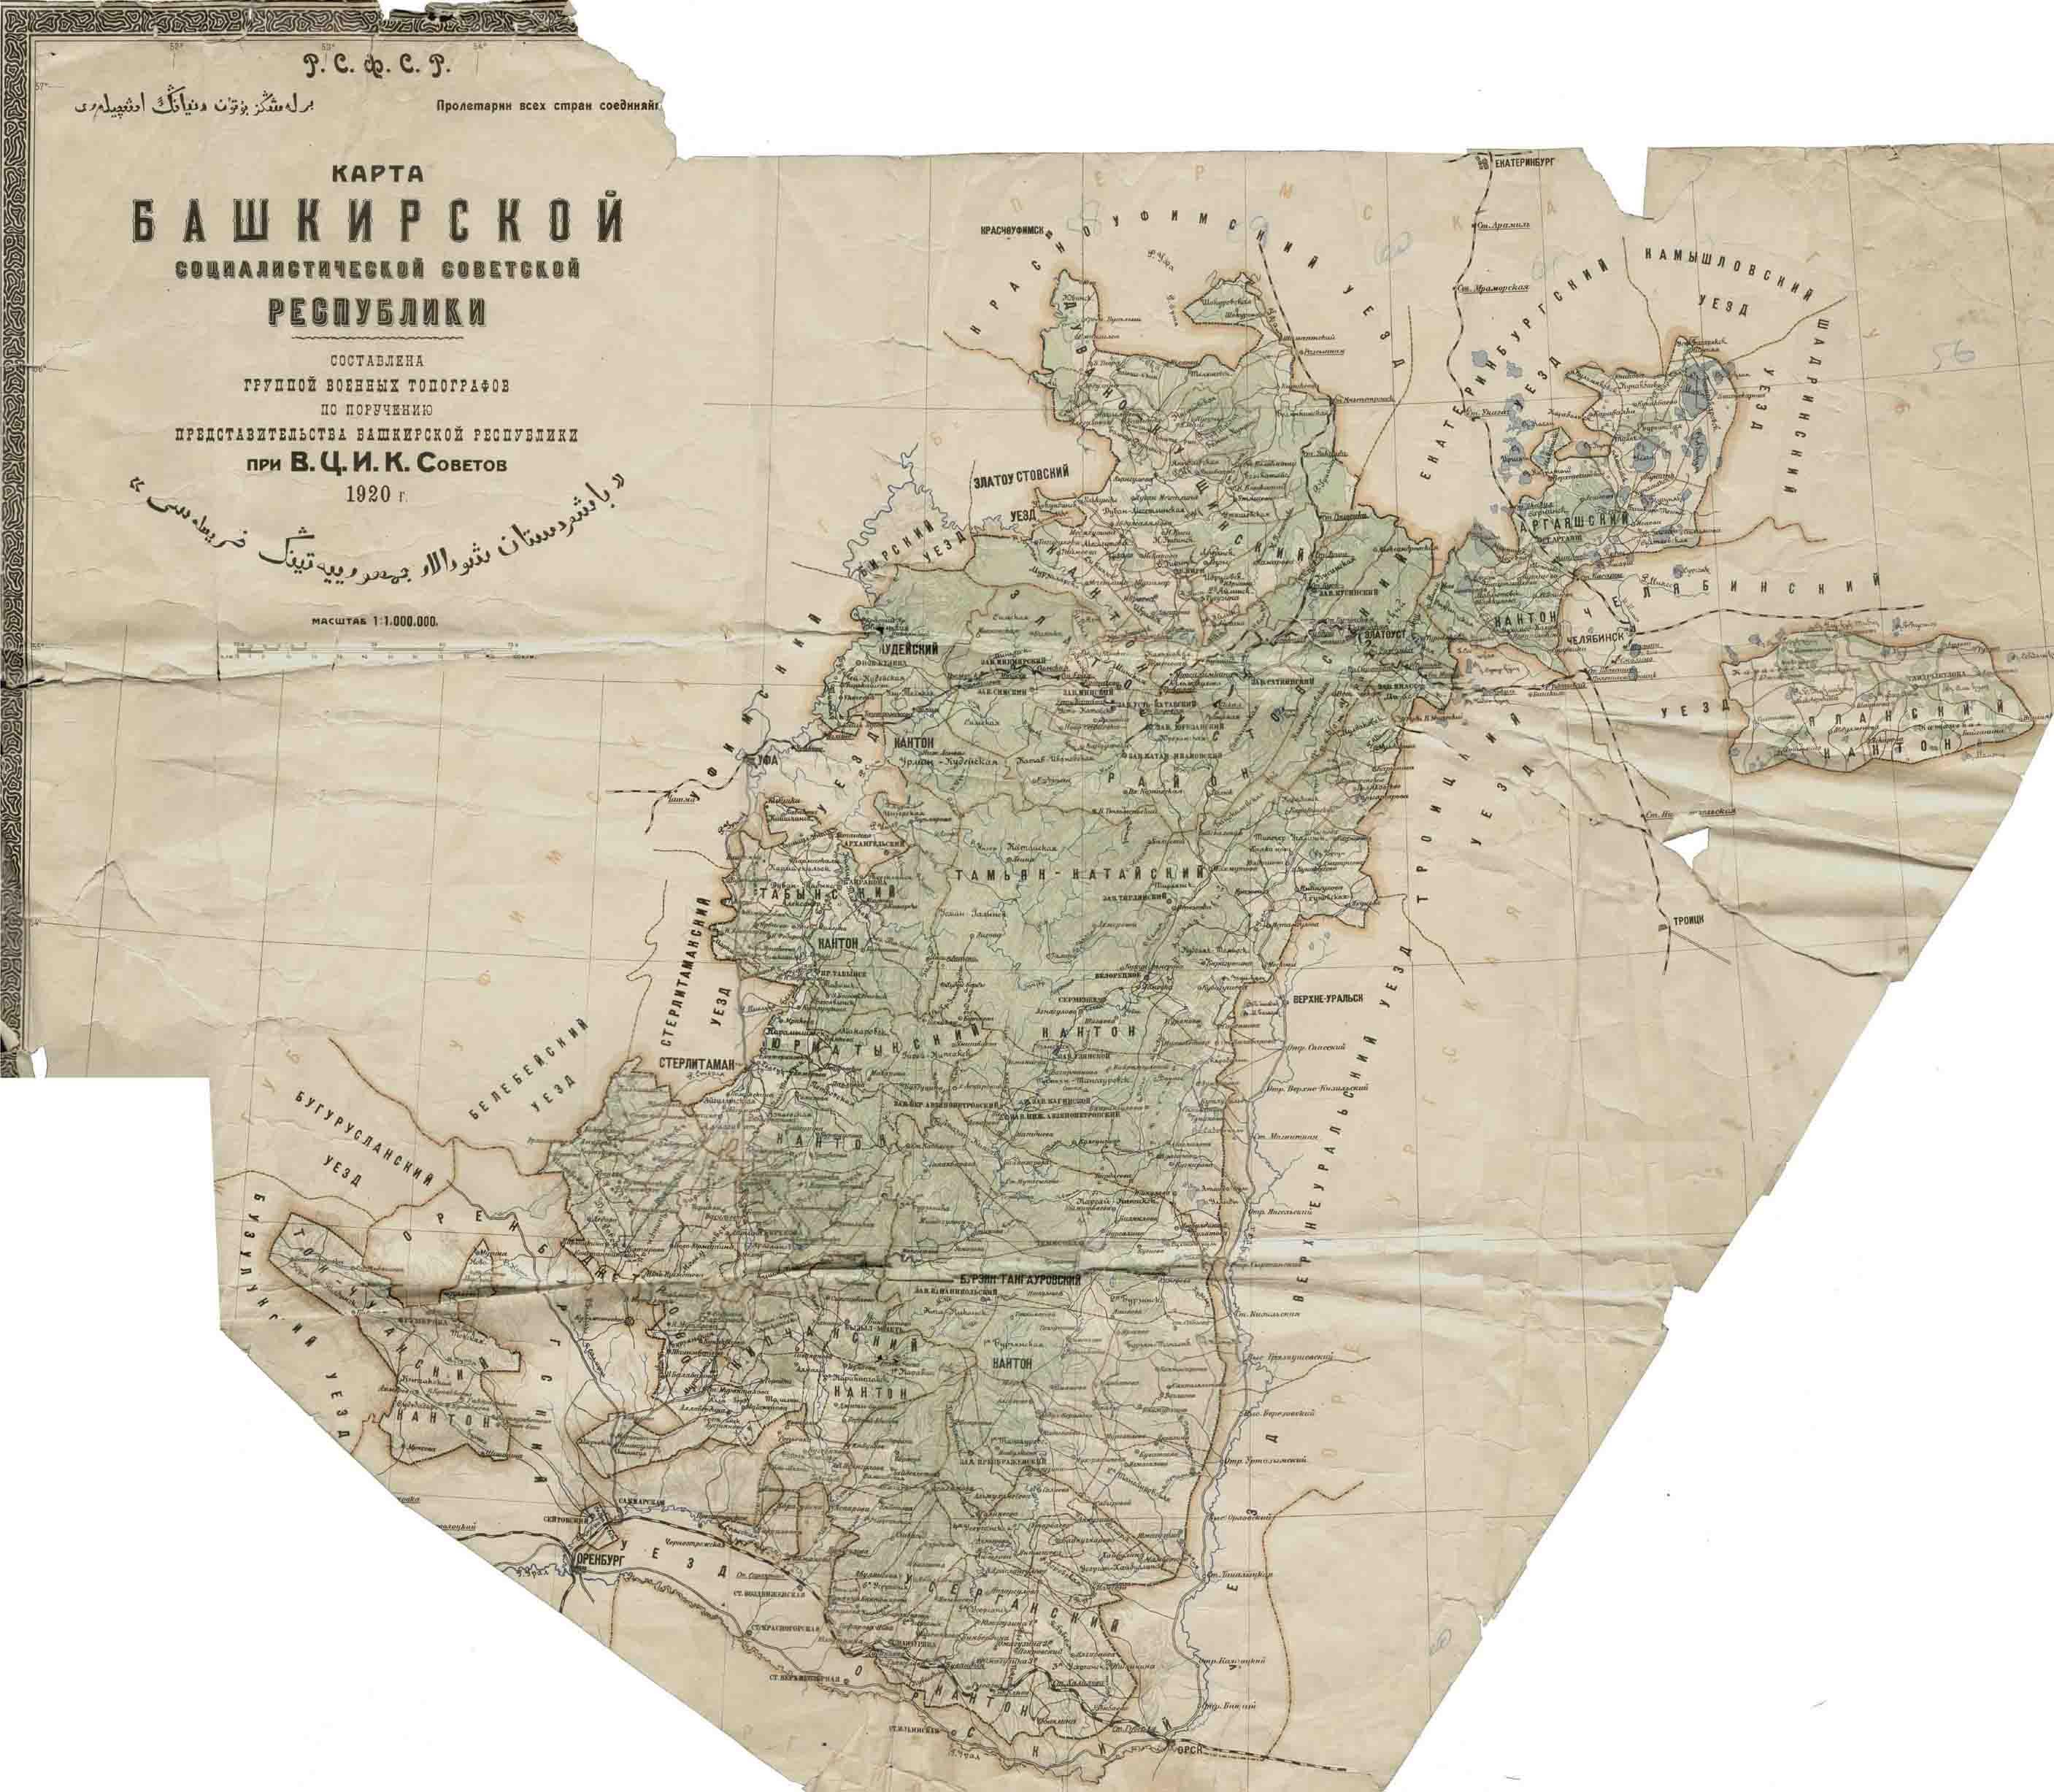 karta bssr 1920 g. - Карта Башкирской СССР1920 г.